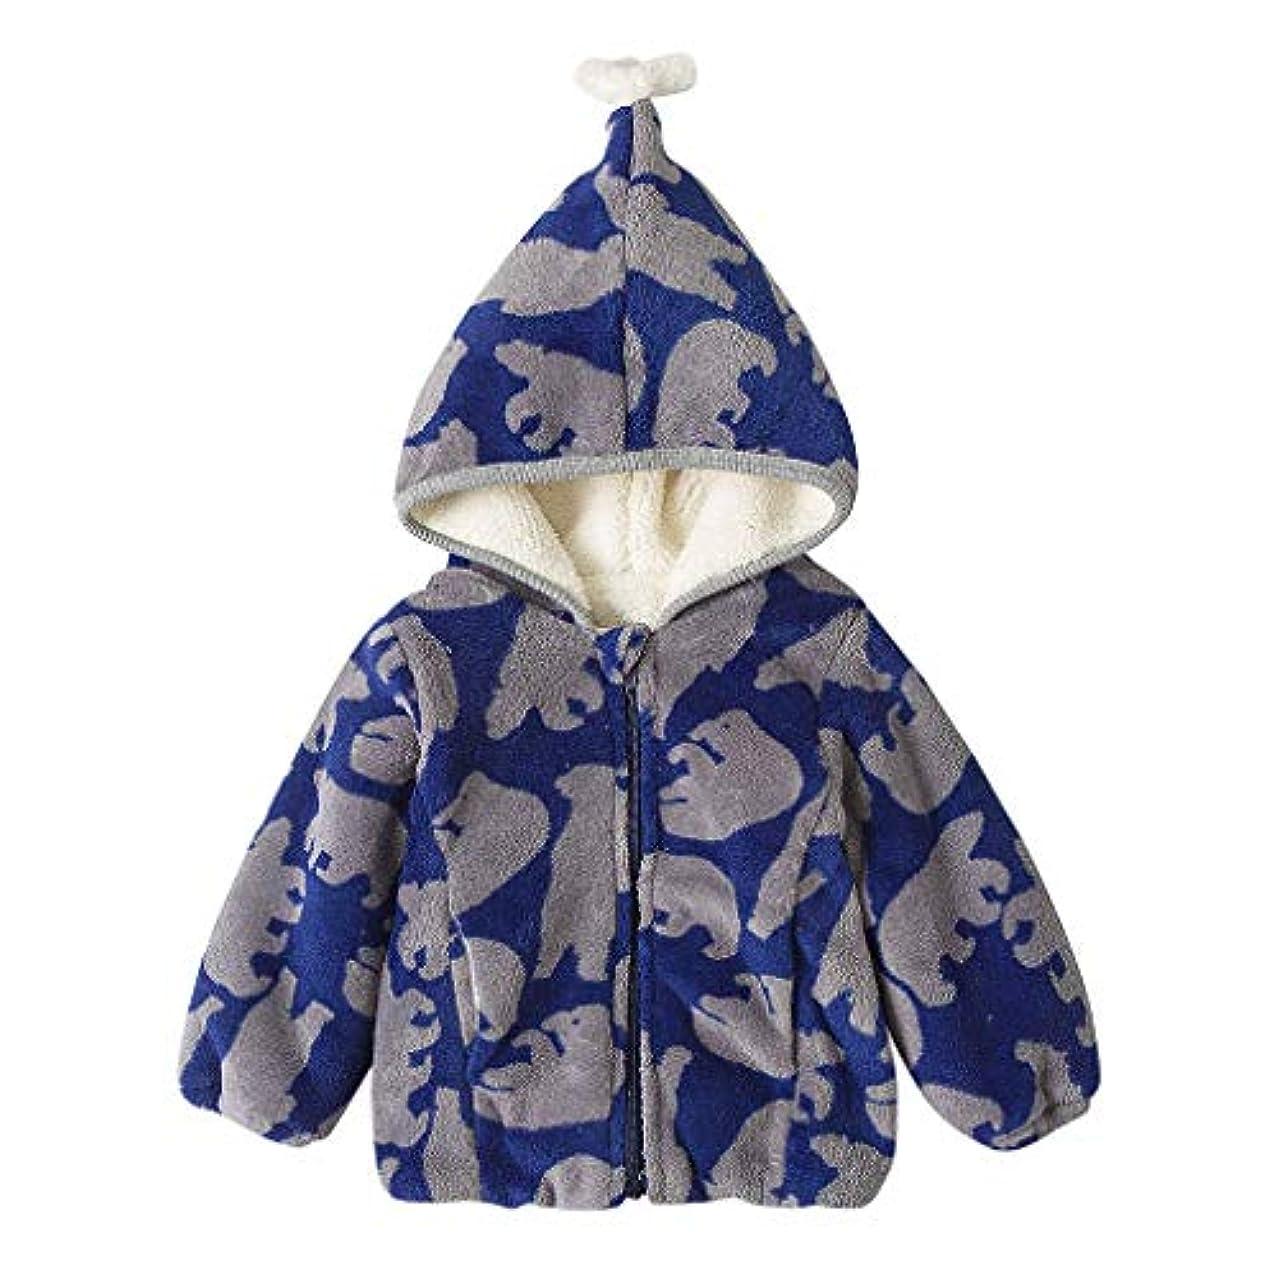 かわいい柄あたたかい男の子女の子赤ちゃん冬コートジャケット子供ジップ厚いスノースーツパーカーオーバーコート屋外かわいいルースソフト快適なブラウストップス